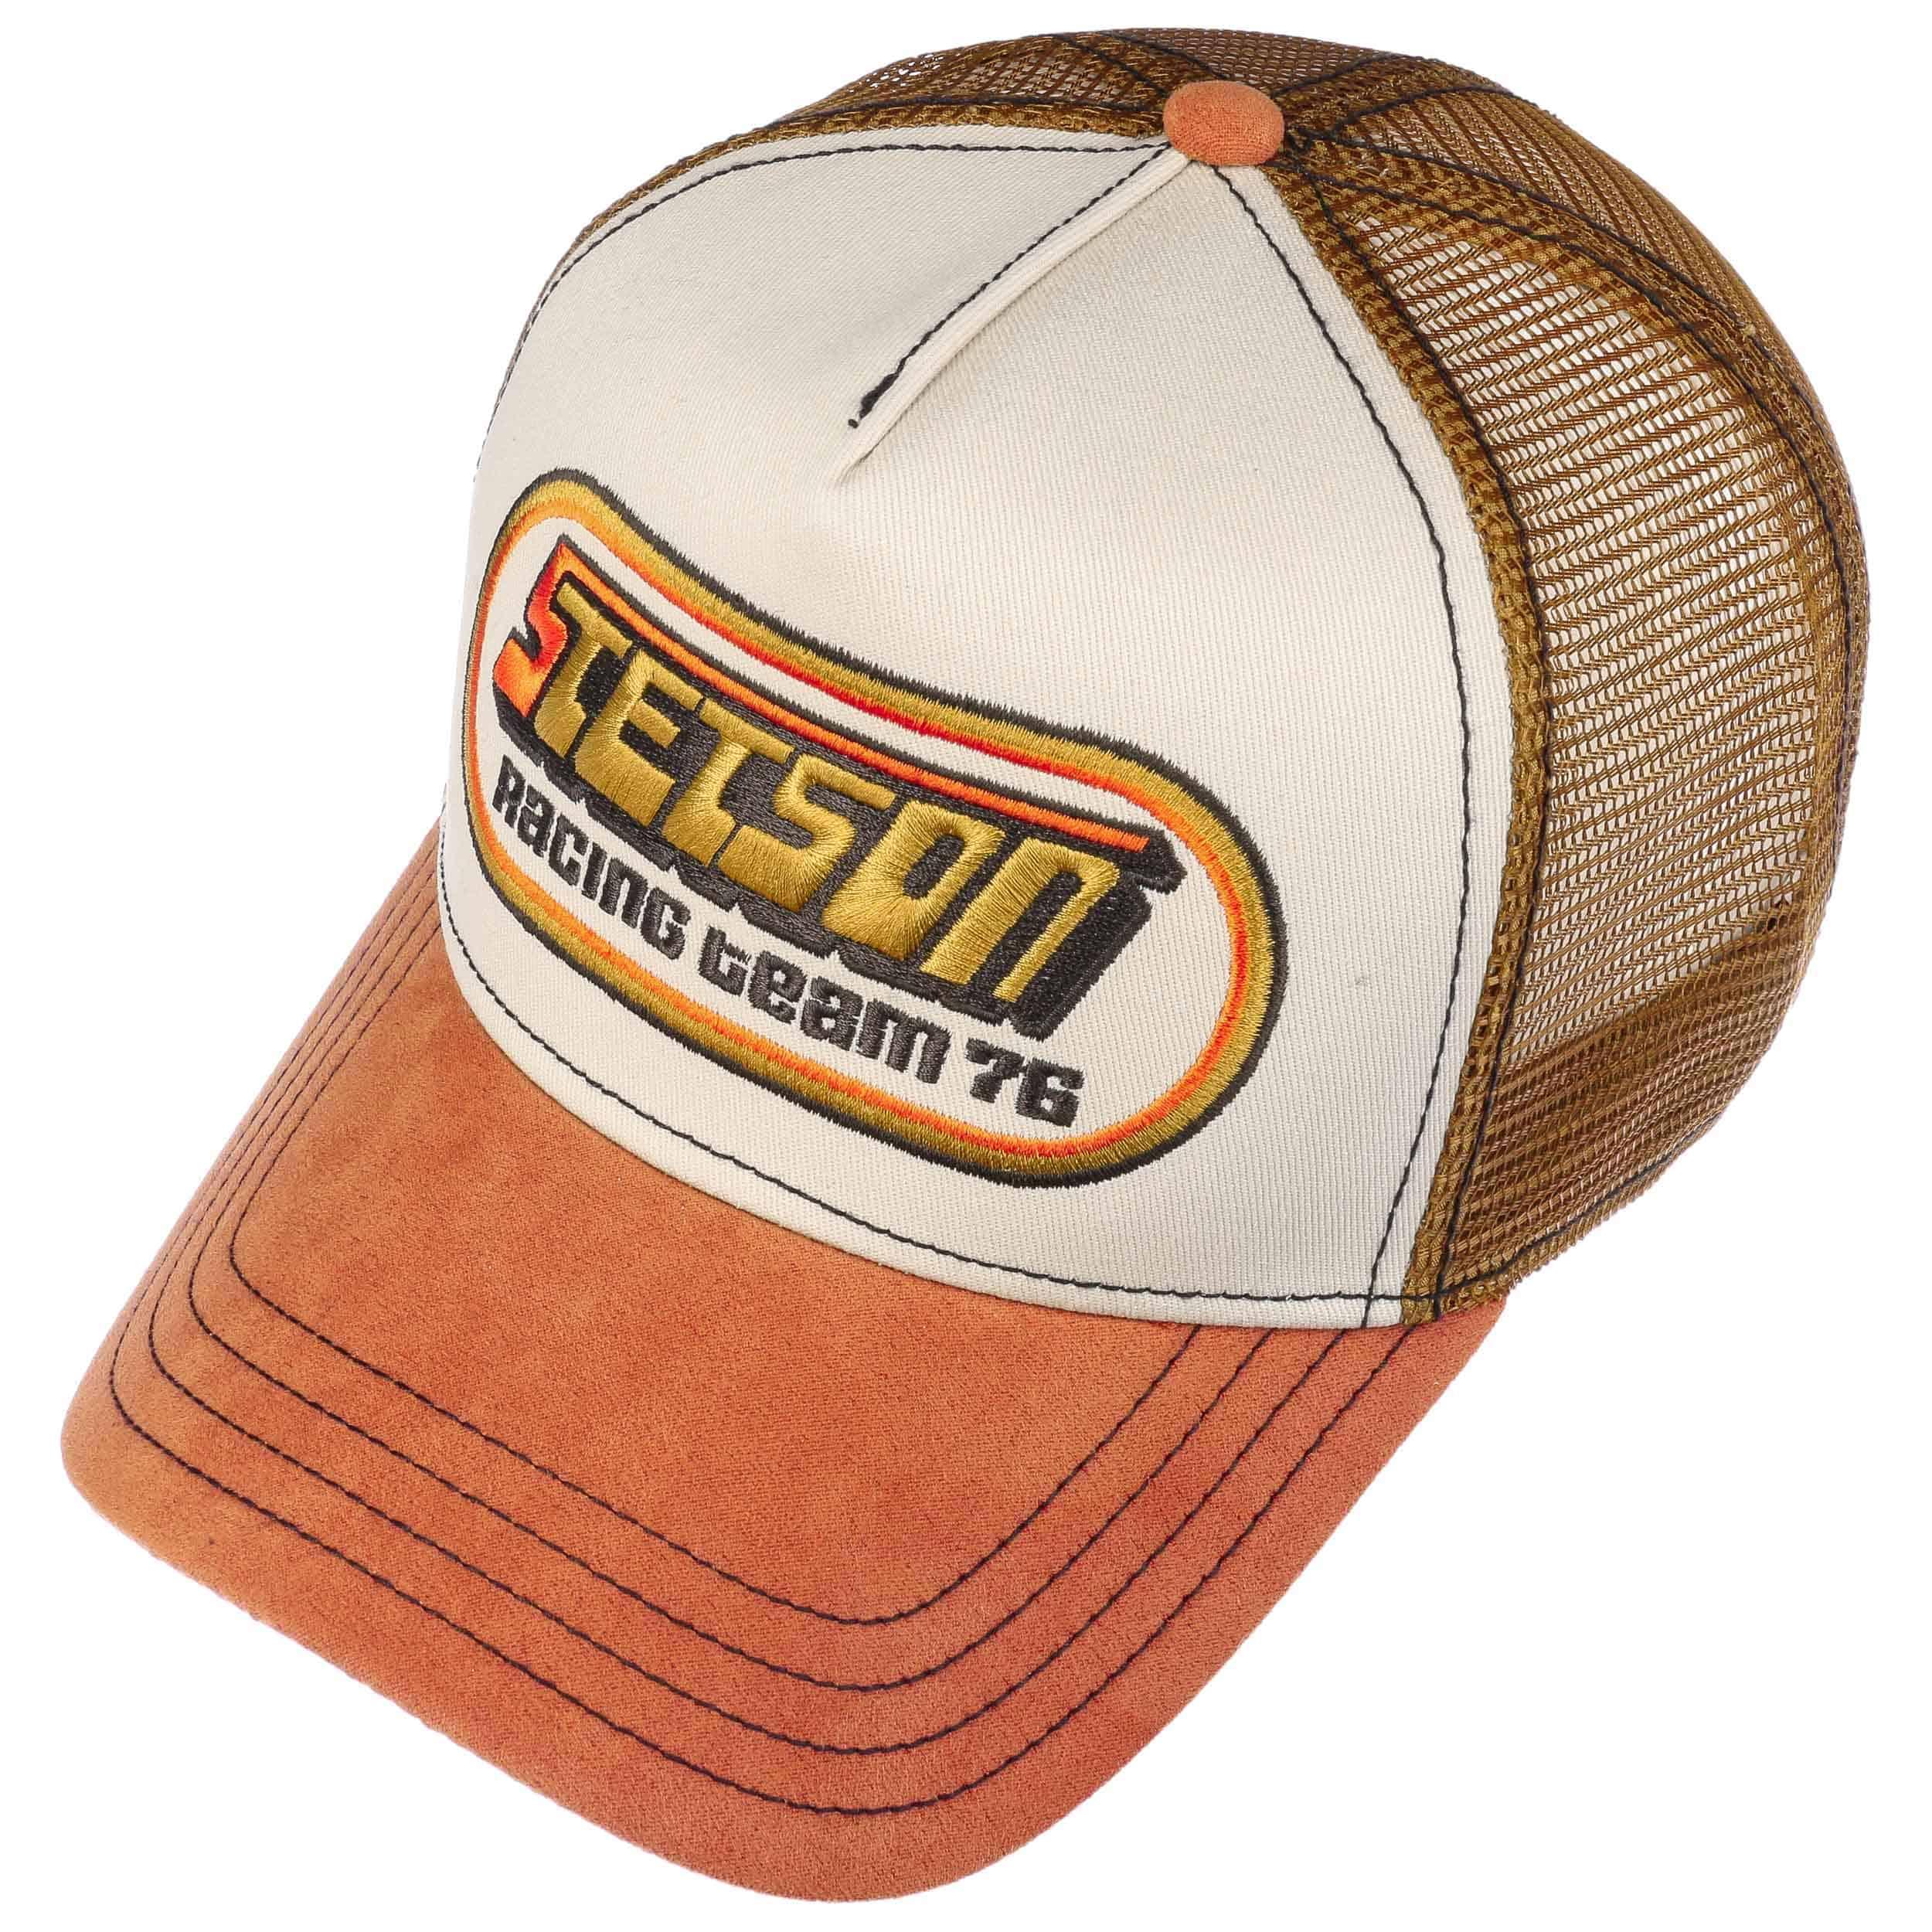 d5d1a8c50 Racing Trucker Cap by Stetson